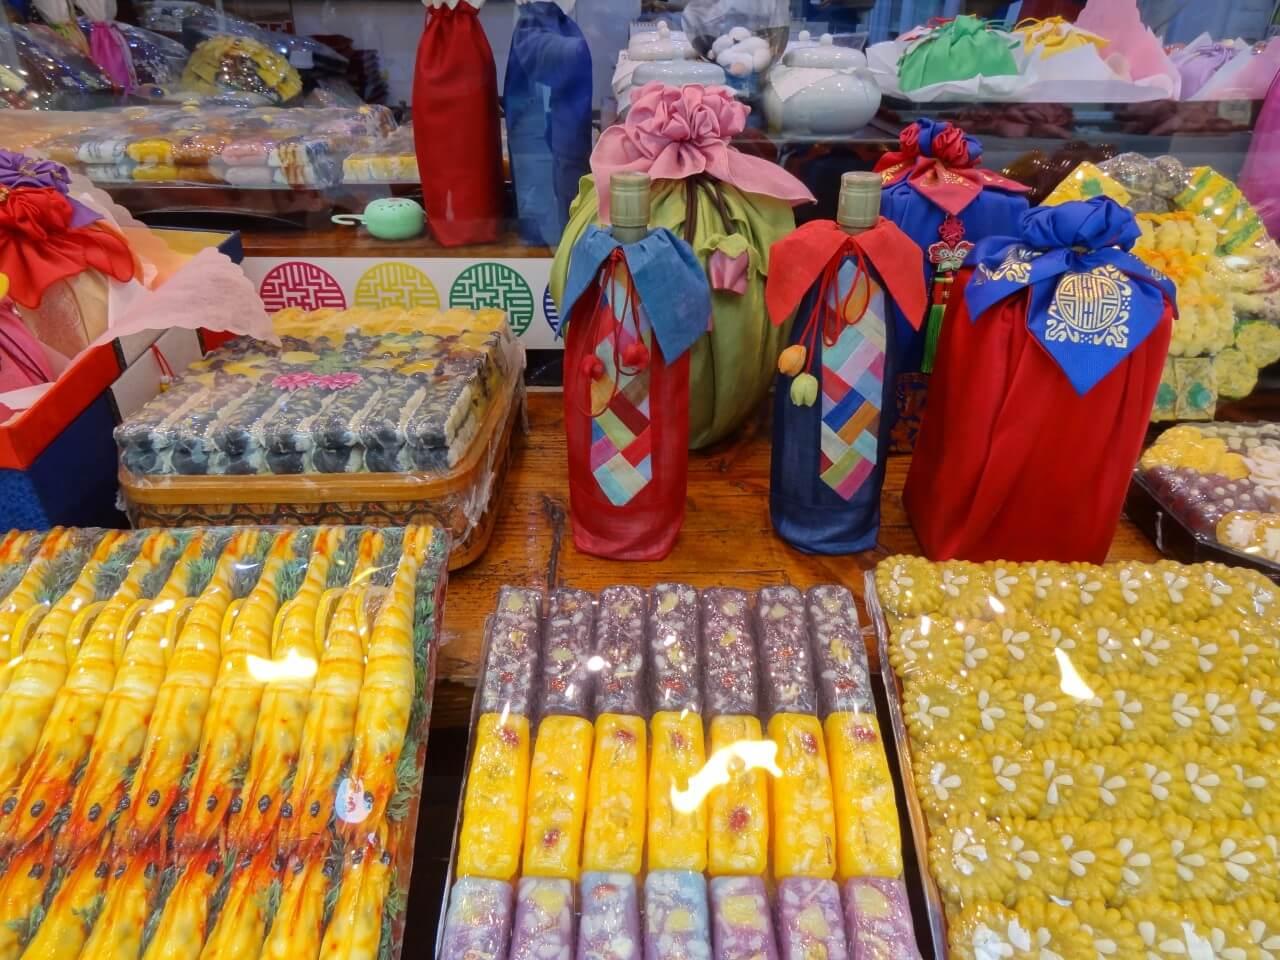 【大邱旅途故事】傳統婚禮用品店內的韓國民族主義觀察